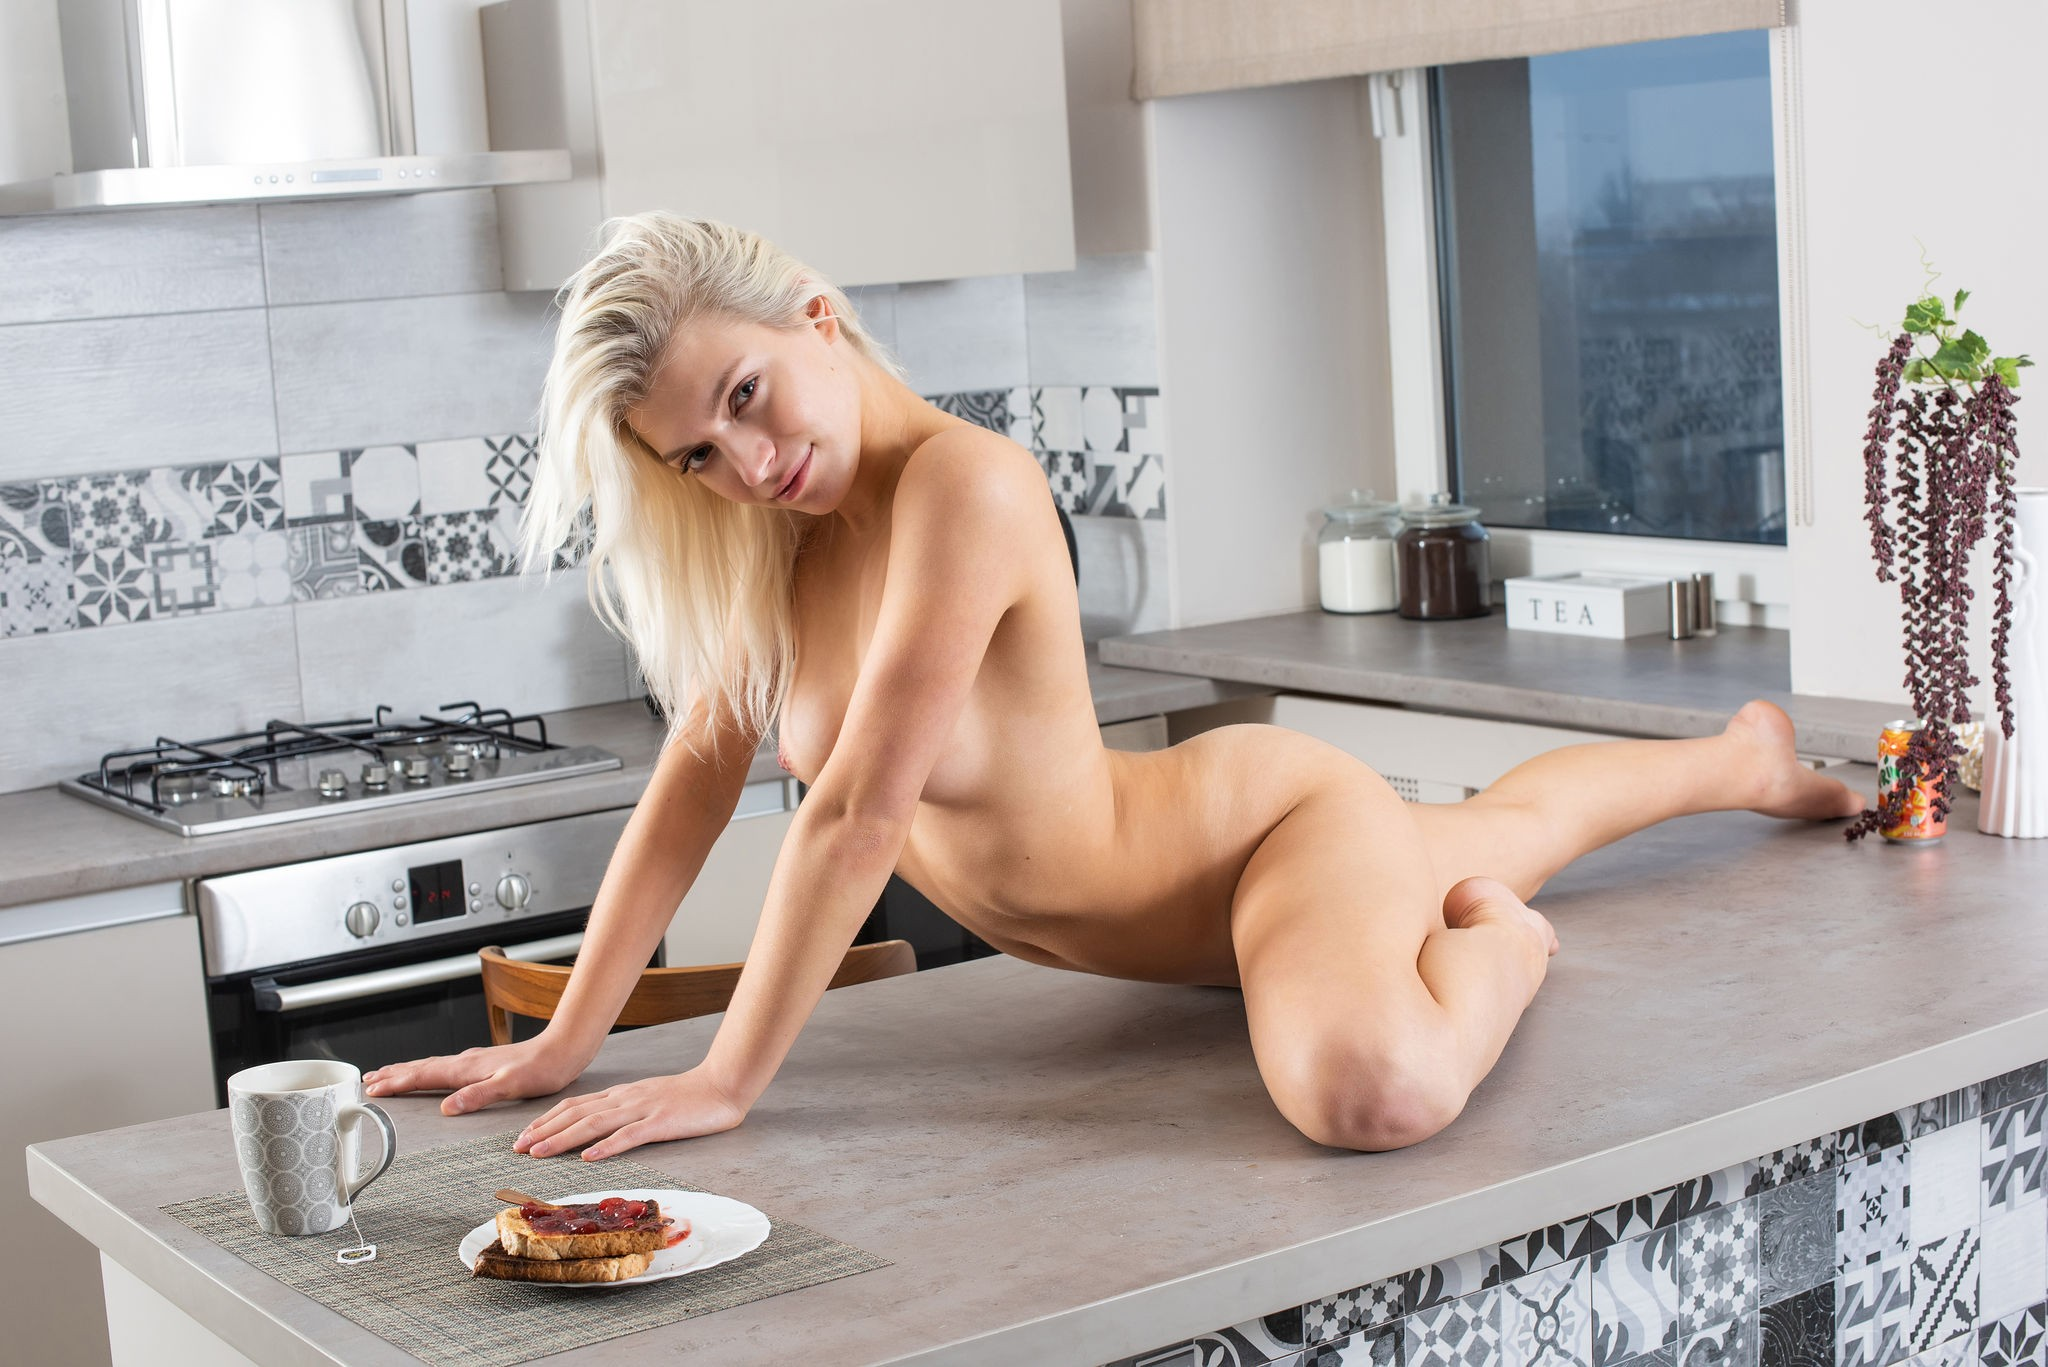 Блондинка с красивой писькой и попой позирует на кухне - фото